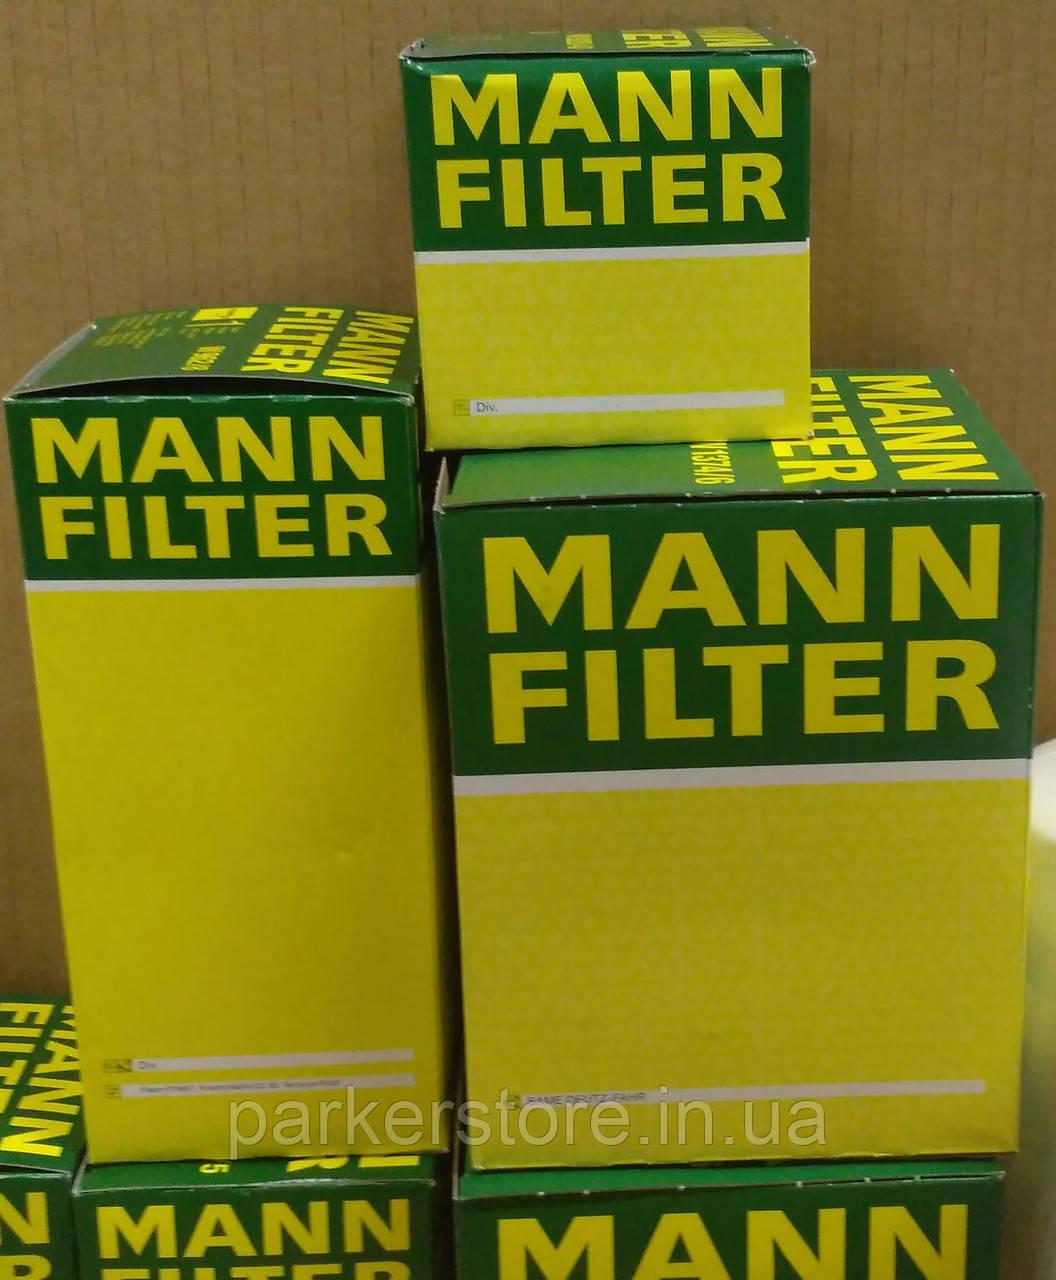 MANN FILTER / Воздушный фильтр / C 105 / C105